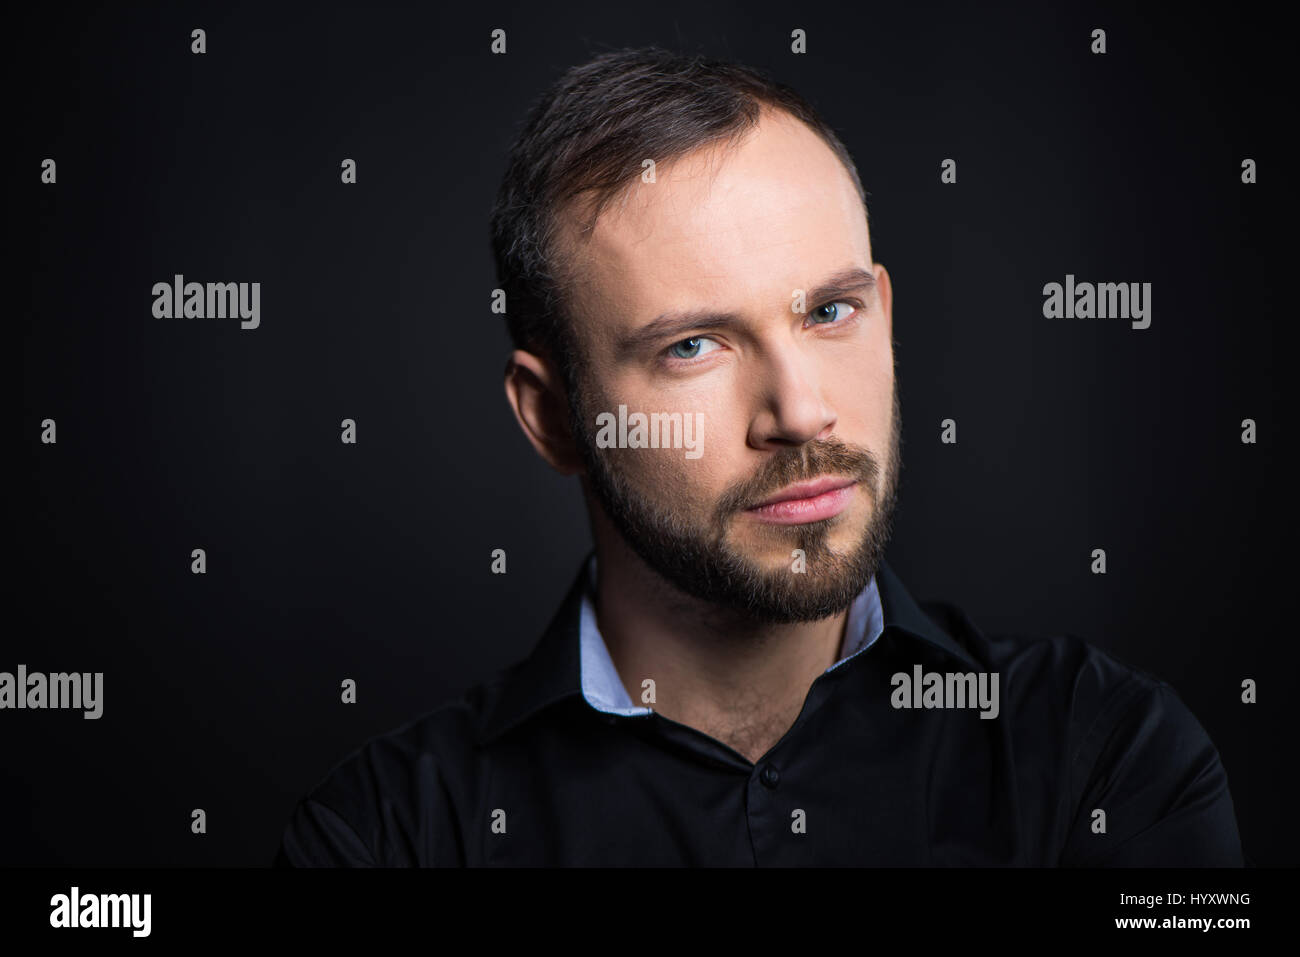 Retrato de apuesto hombre barbado mirando a la cámara sobre negro Imagen De Stock